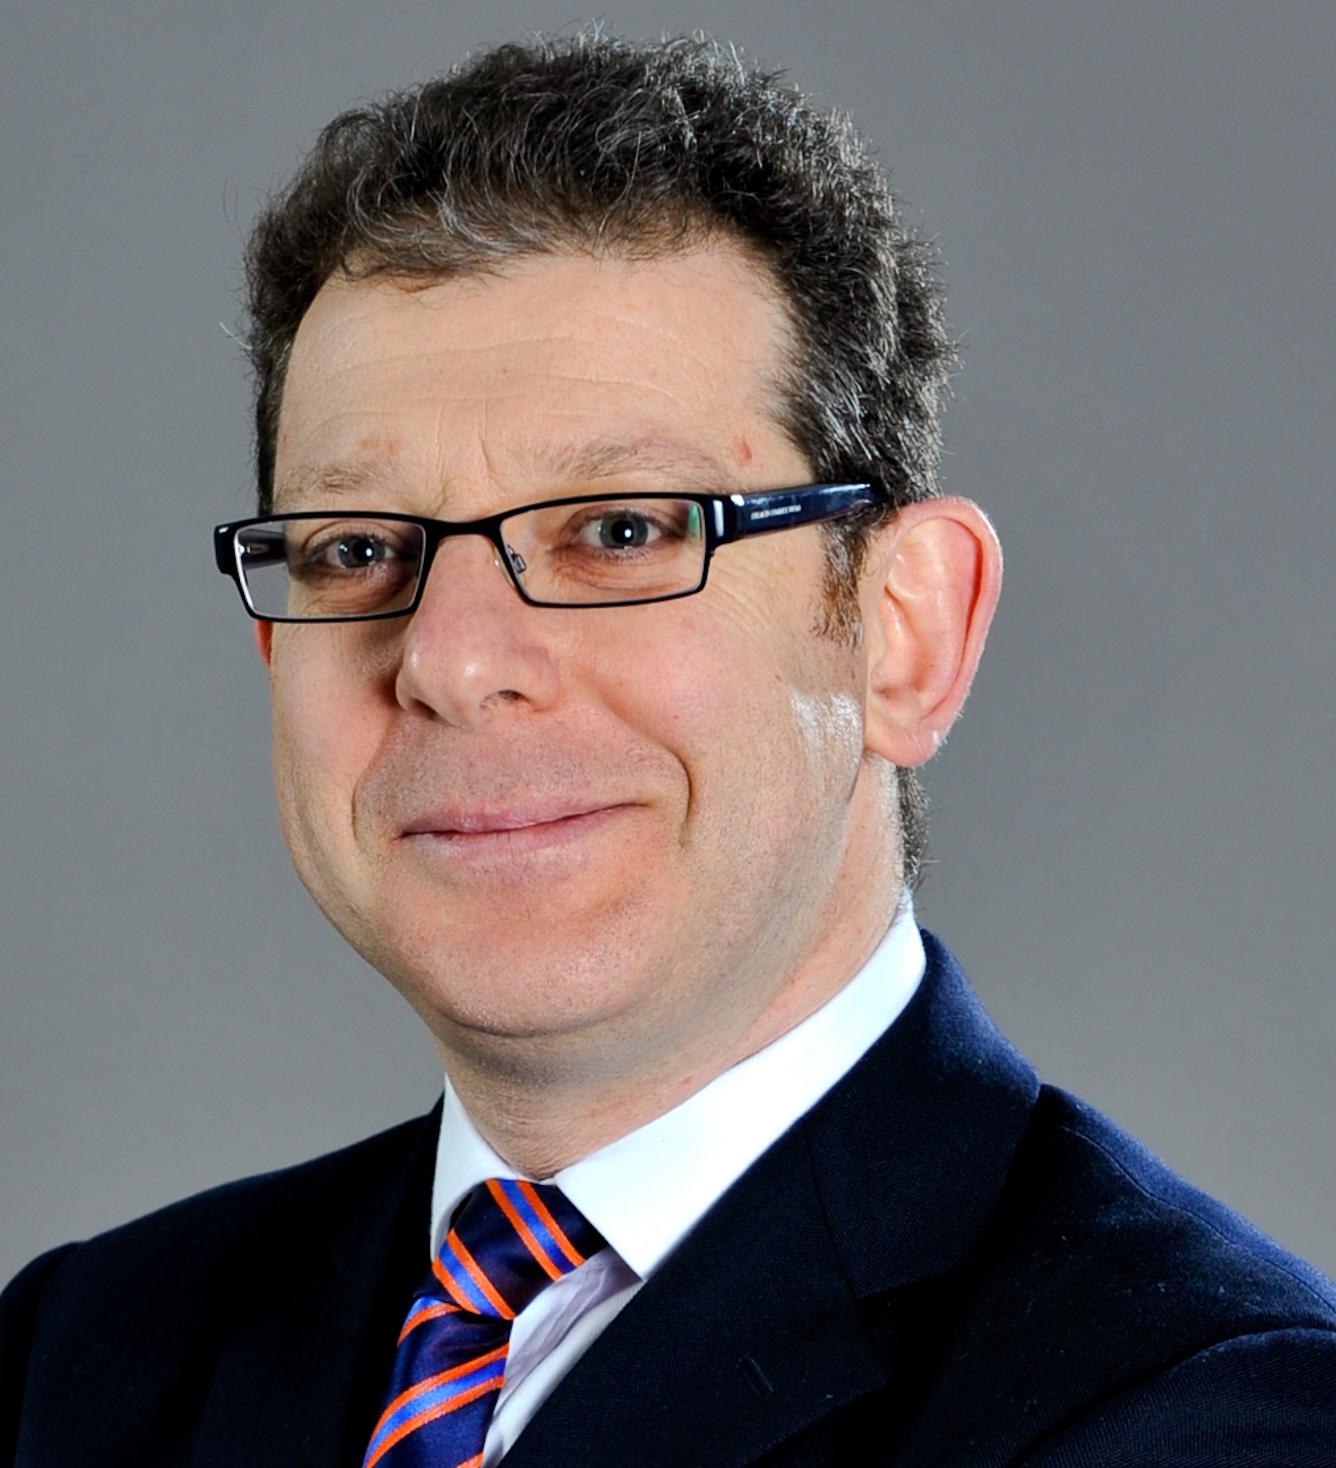 Matthew Lewis, head of employment at Squire Sanders (Leeds)